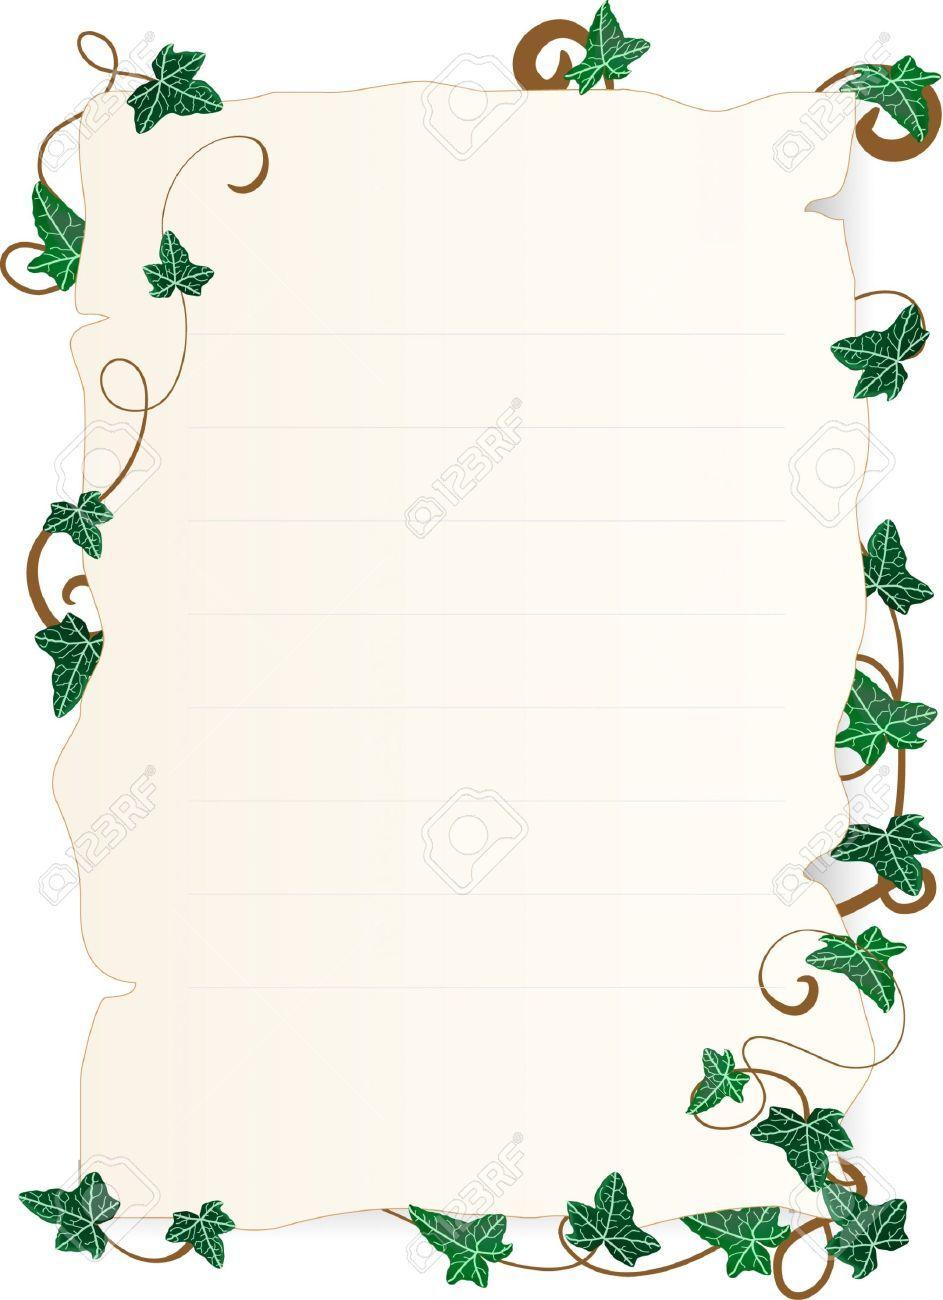 image result for ivy leaf border borders leaf border ivy leaf